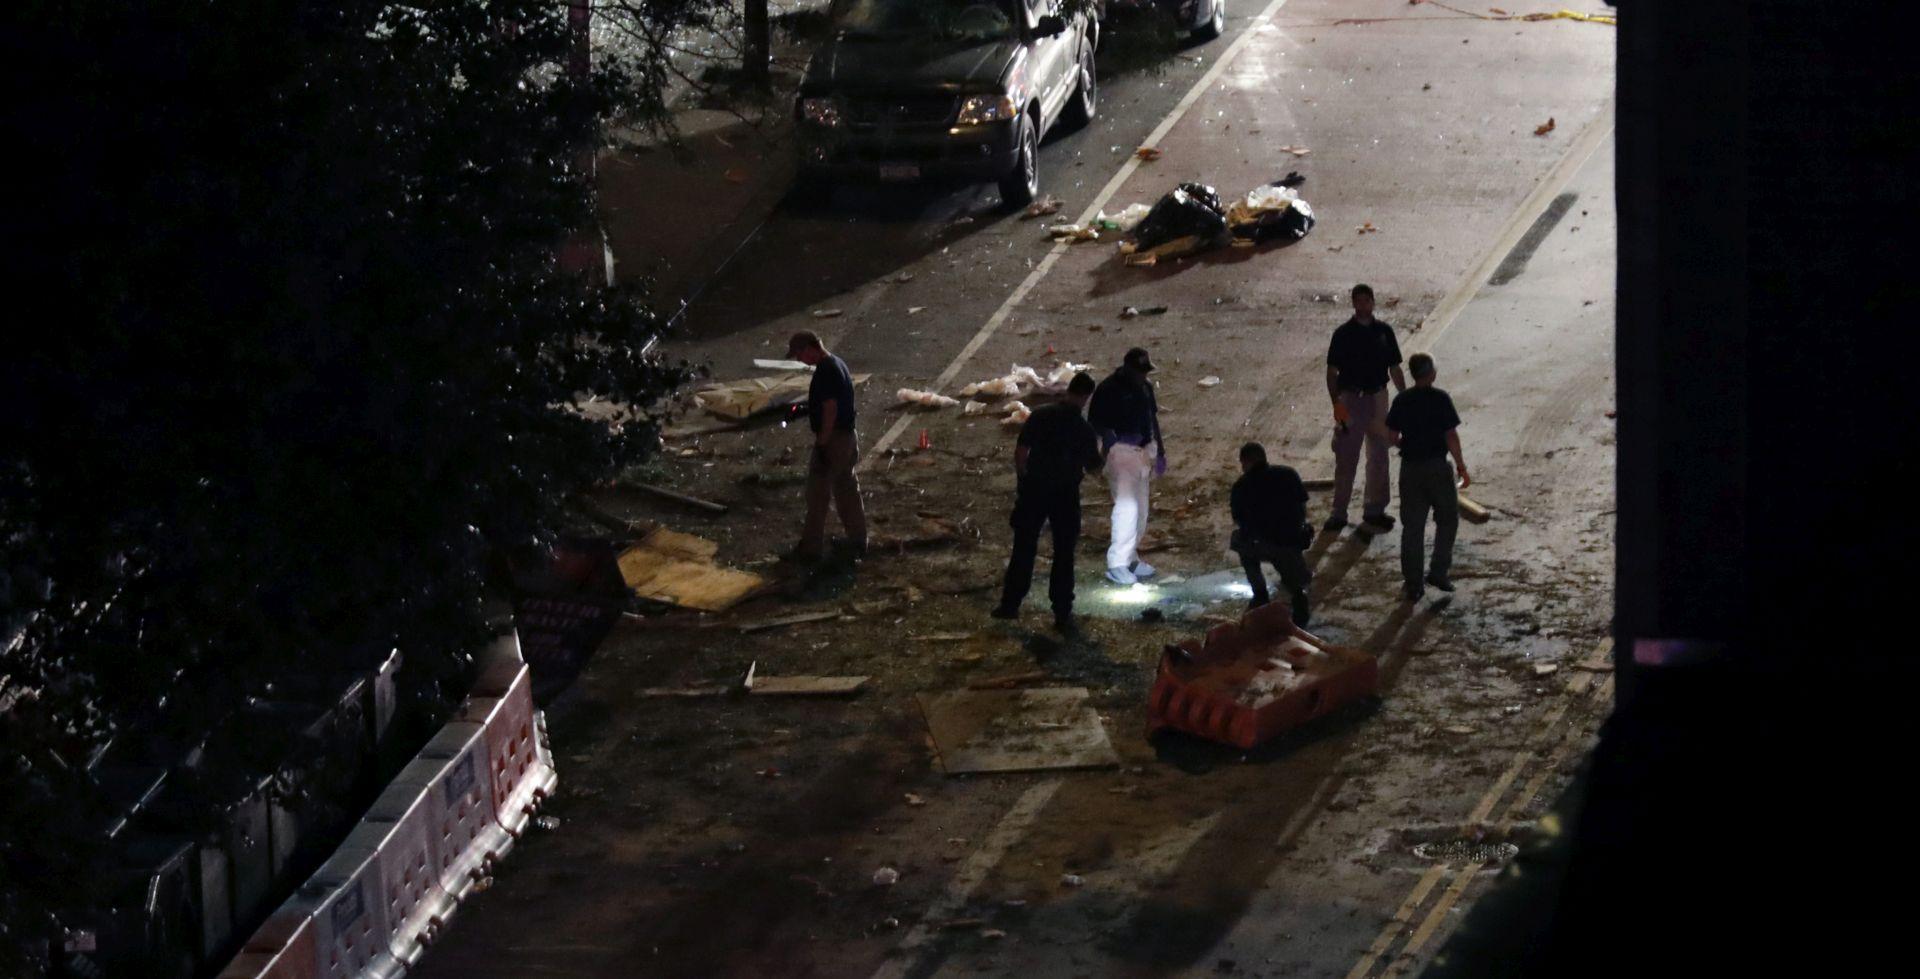 """GUVERNER NEW YORKA """"Eksplozija je bila teroristički napad, nećemo im dopustiti da nam uduzmu slobodu"""""""